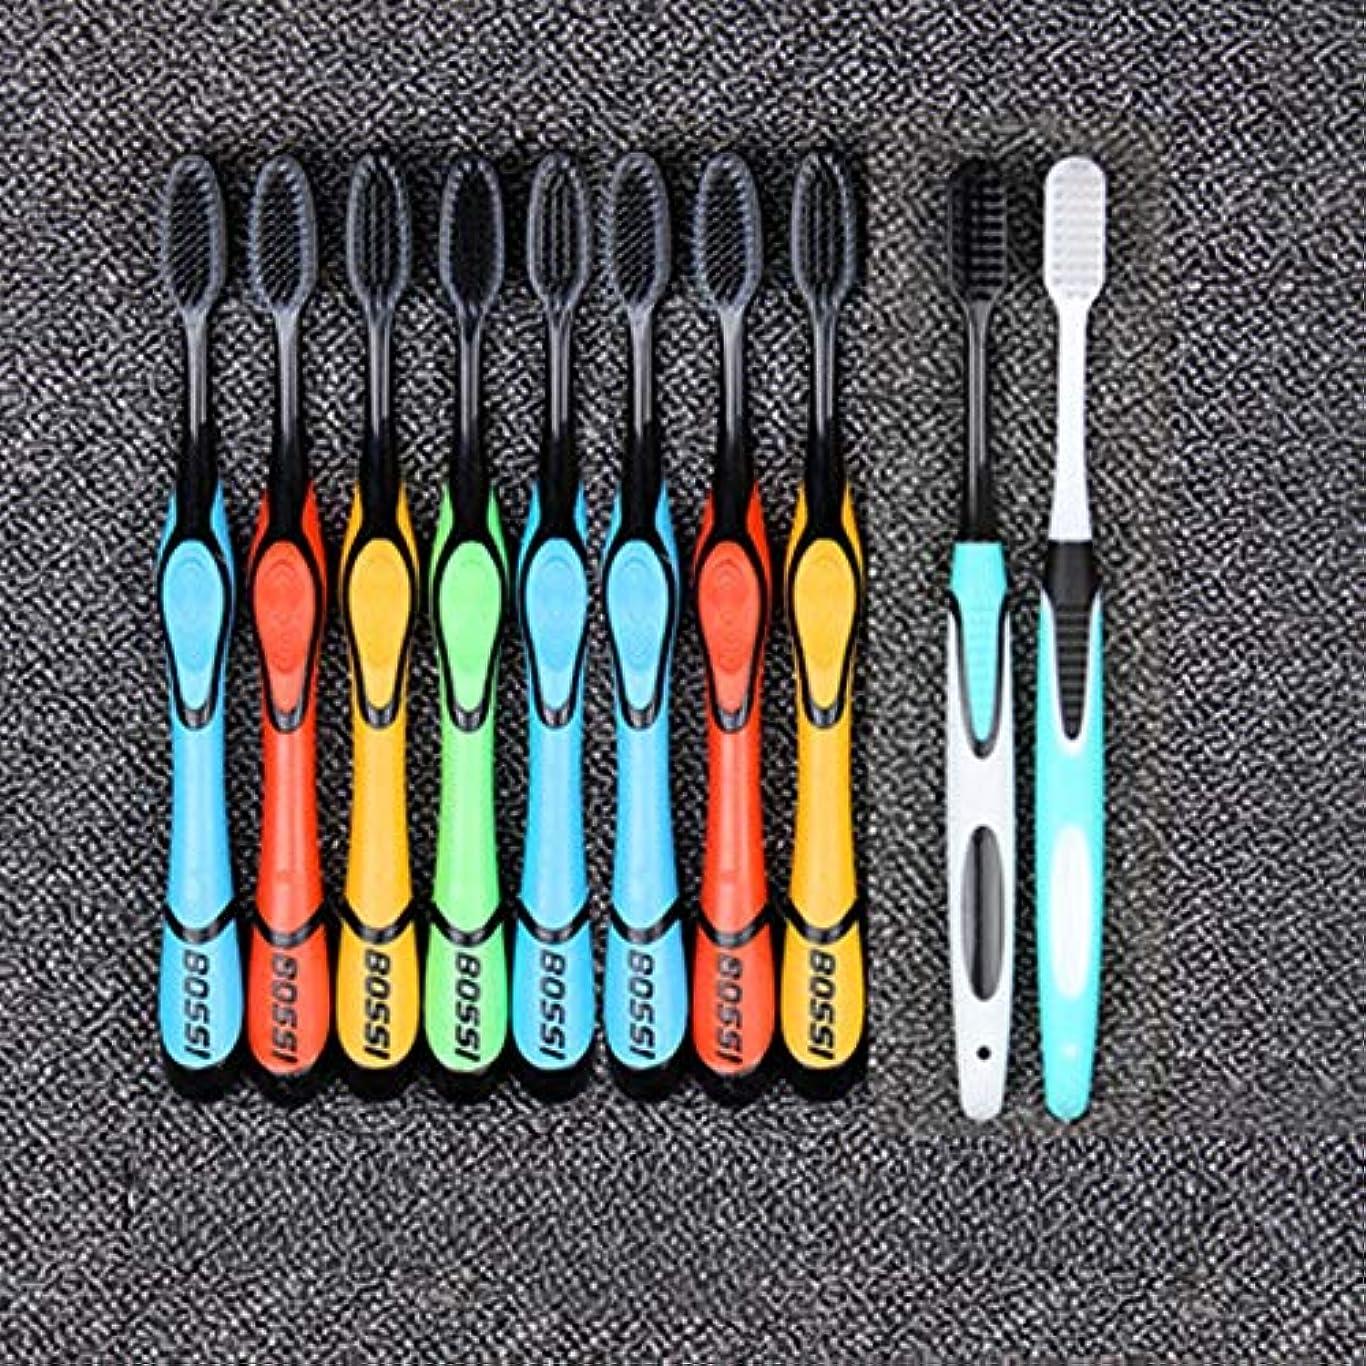 バルセロナジャンク共和党歯ブラシ 10ミックス大人歯ブラシ、子供オーラルケア歯ブラシ、コンパクト柔らかい歯ブラシ - 使用可能なスタイルの3種類 HL (色 : B, サイズ : 8+2)